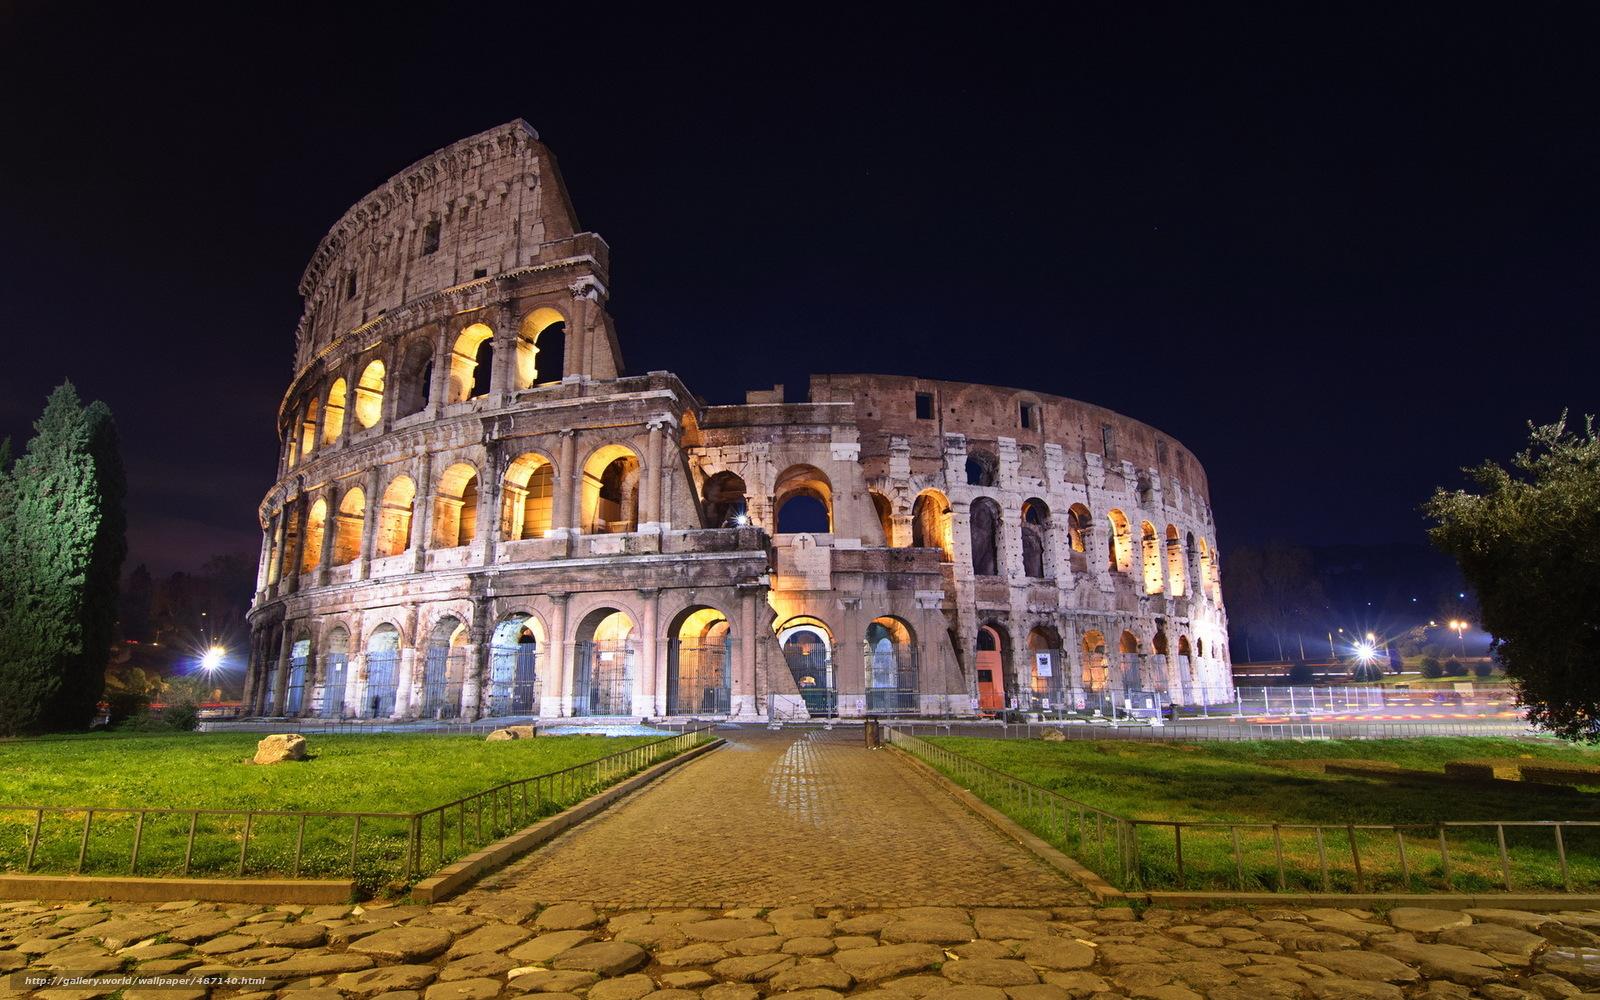 tlcharger fond decran rome - photo #15